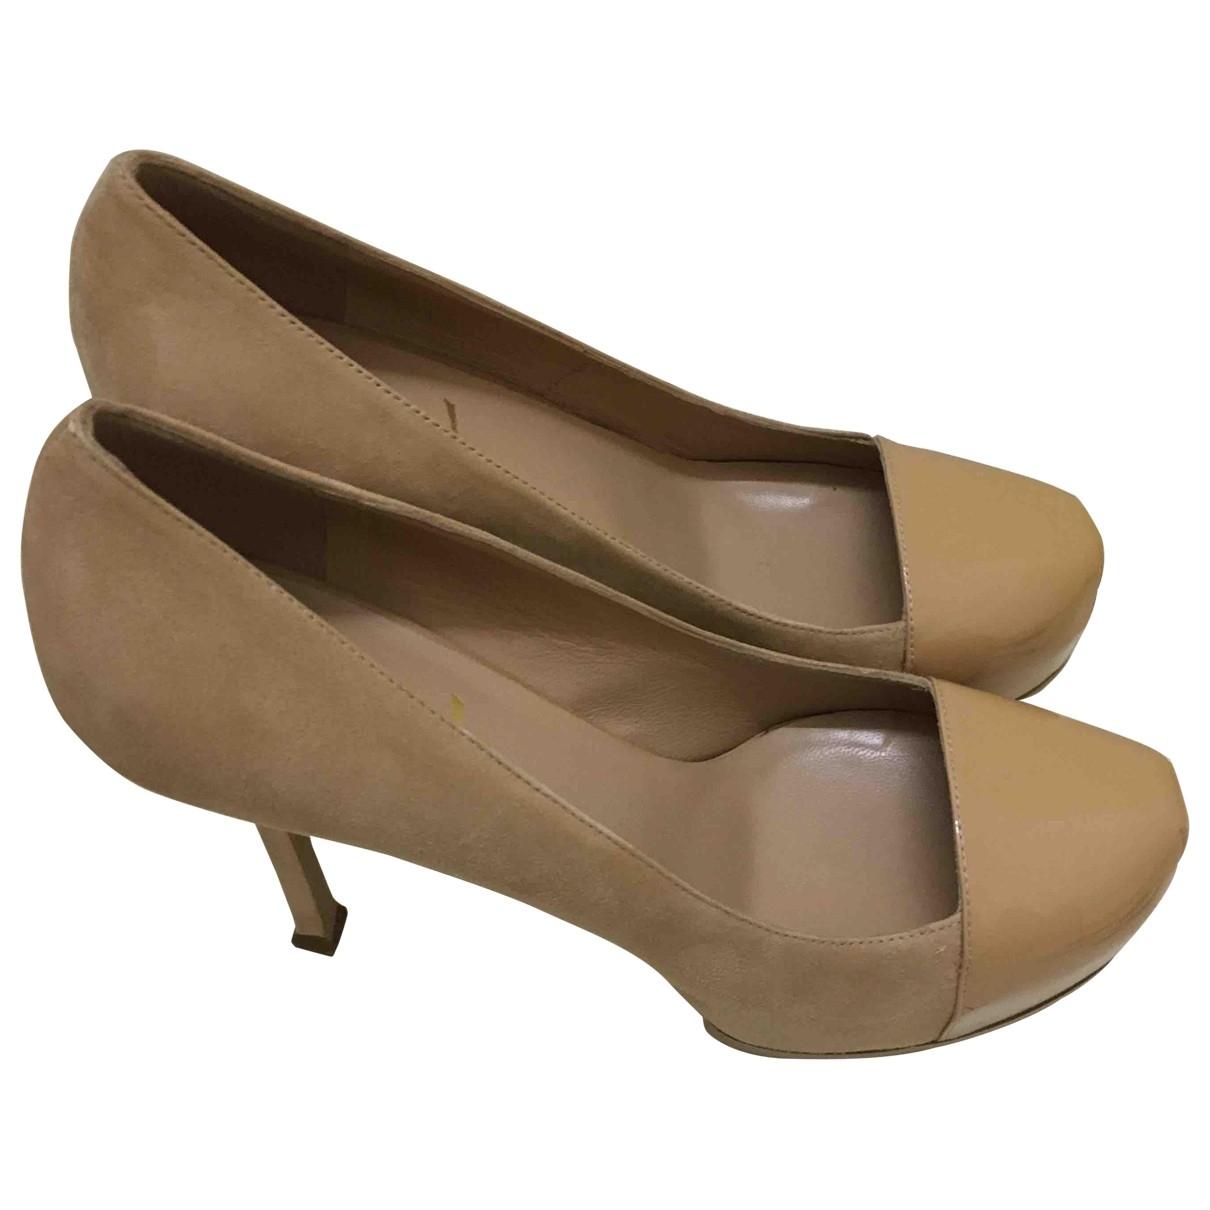 Yves Saint Laurent - Escarpins Trib Too pour femme en suede - beige